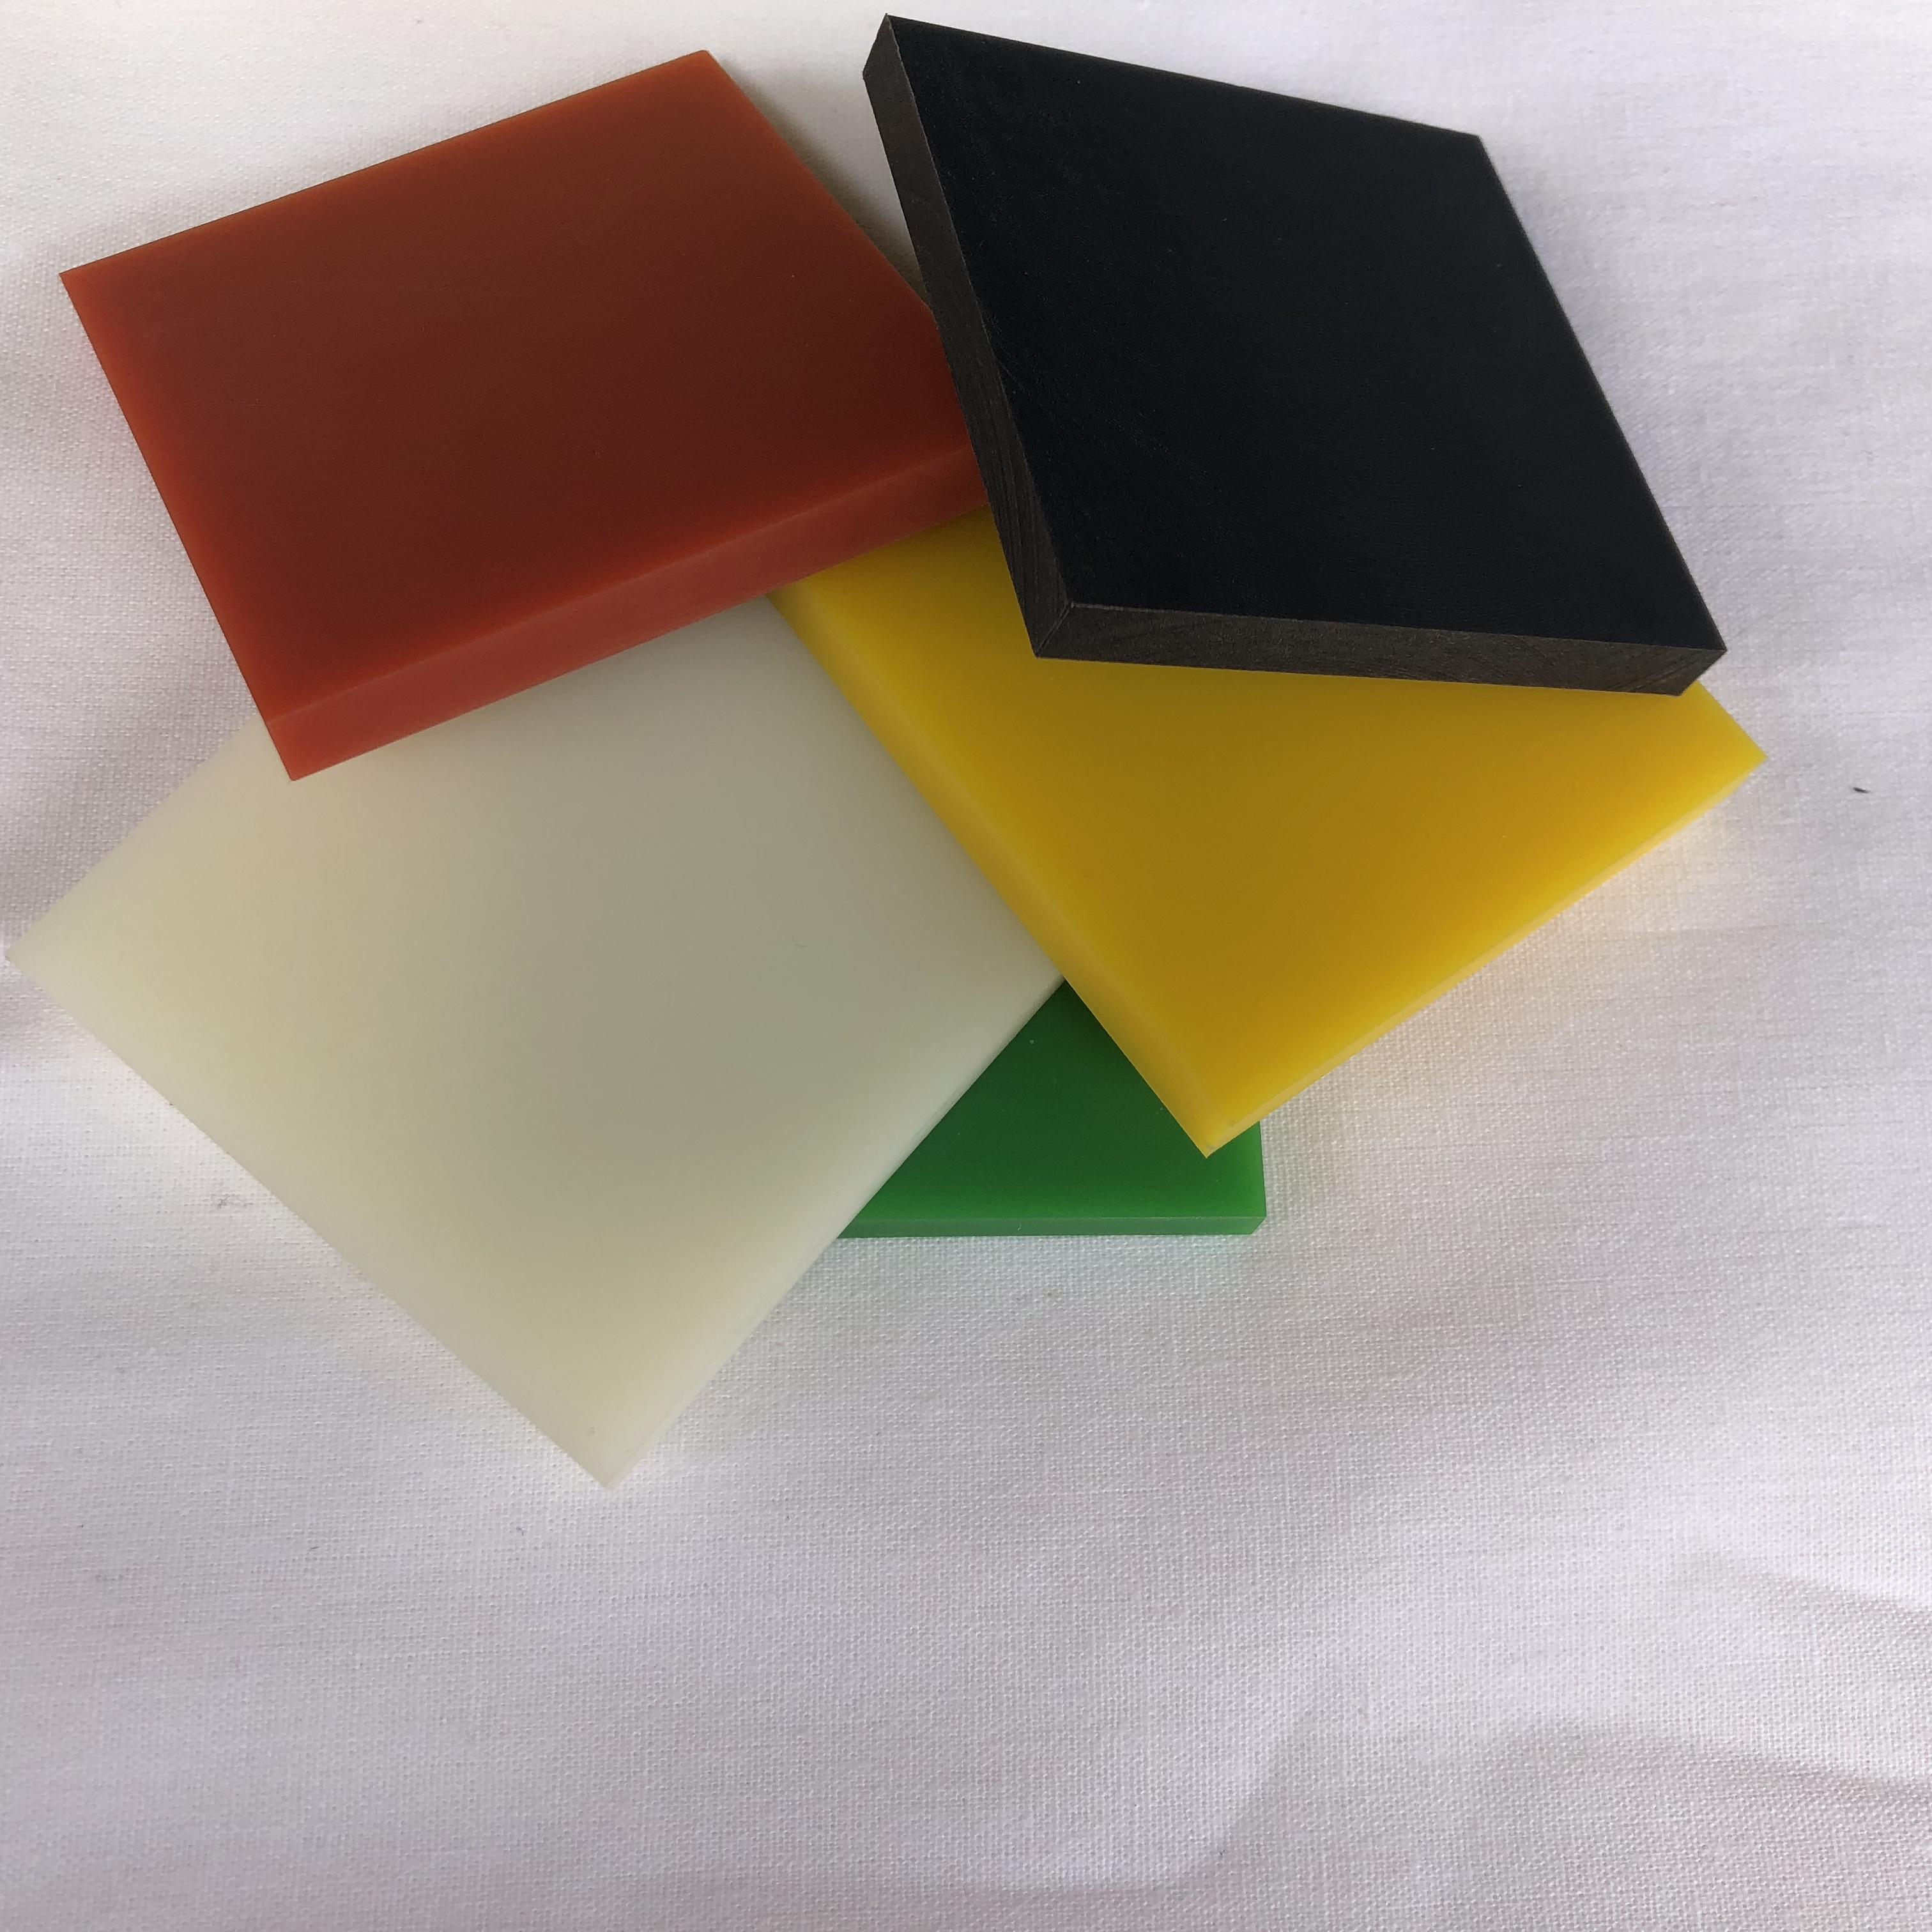 PE板材有多种加工方式你知道吗?